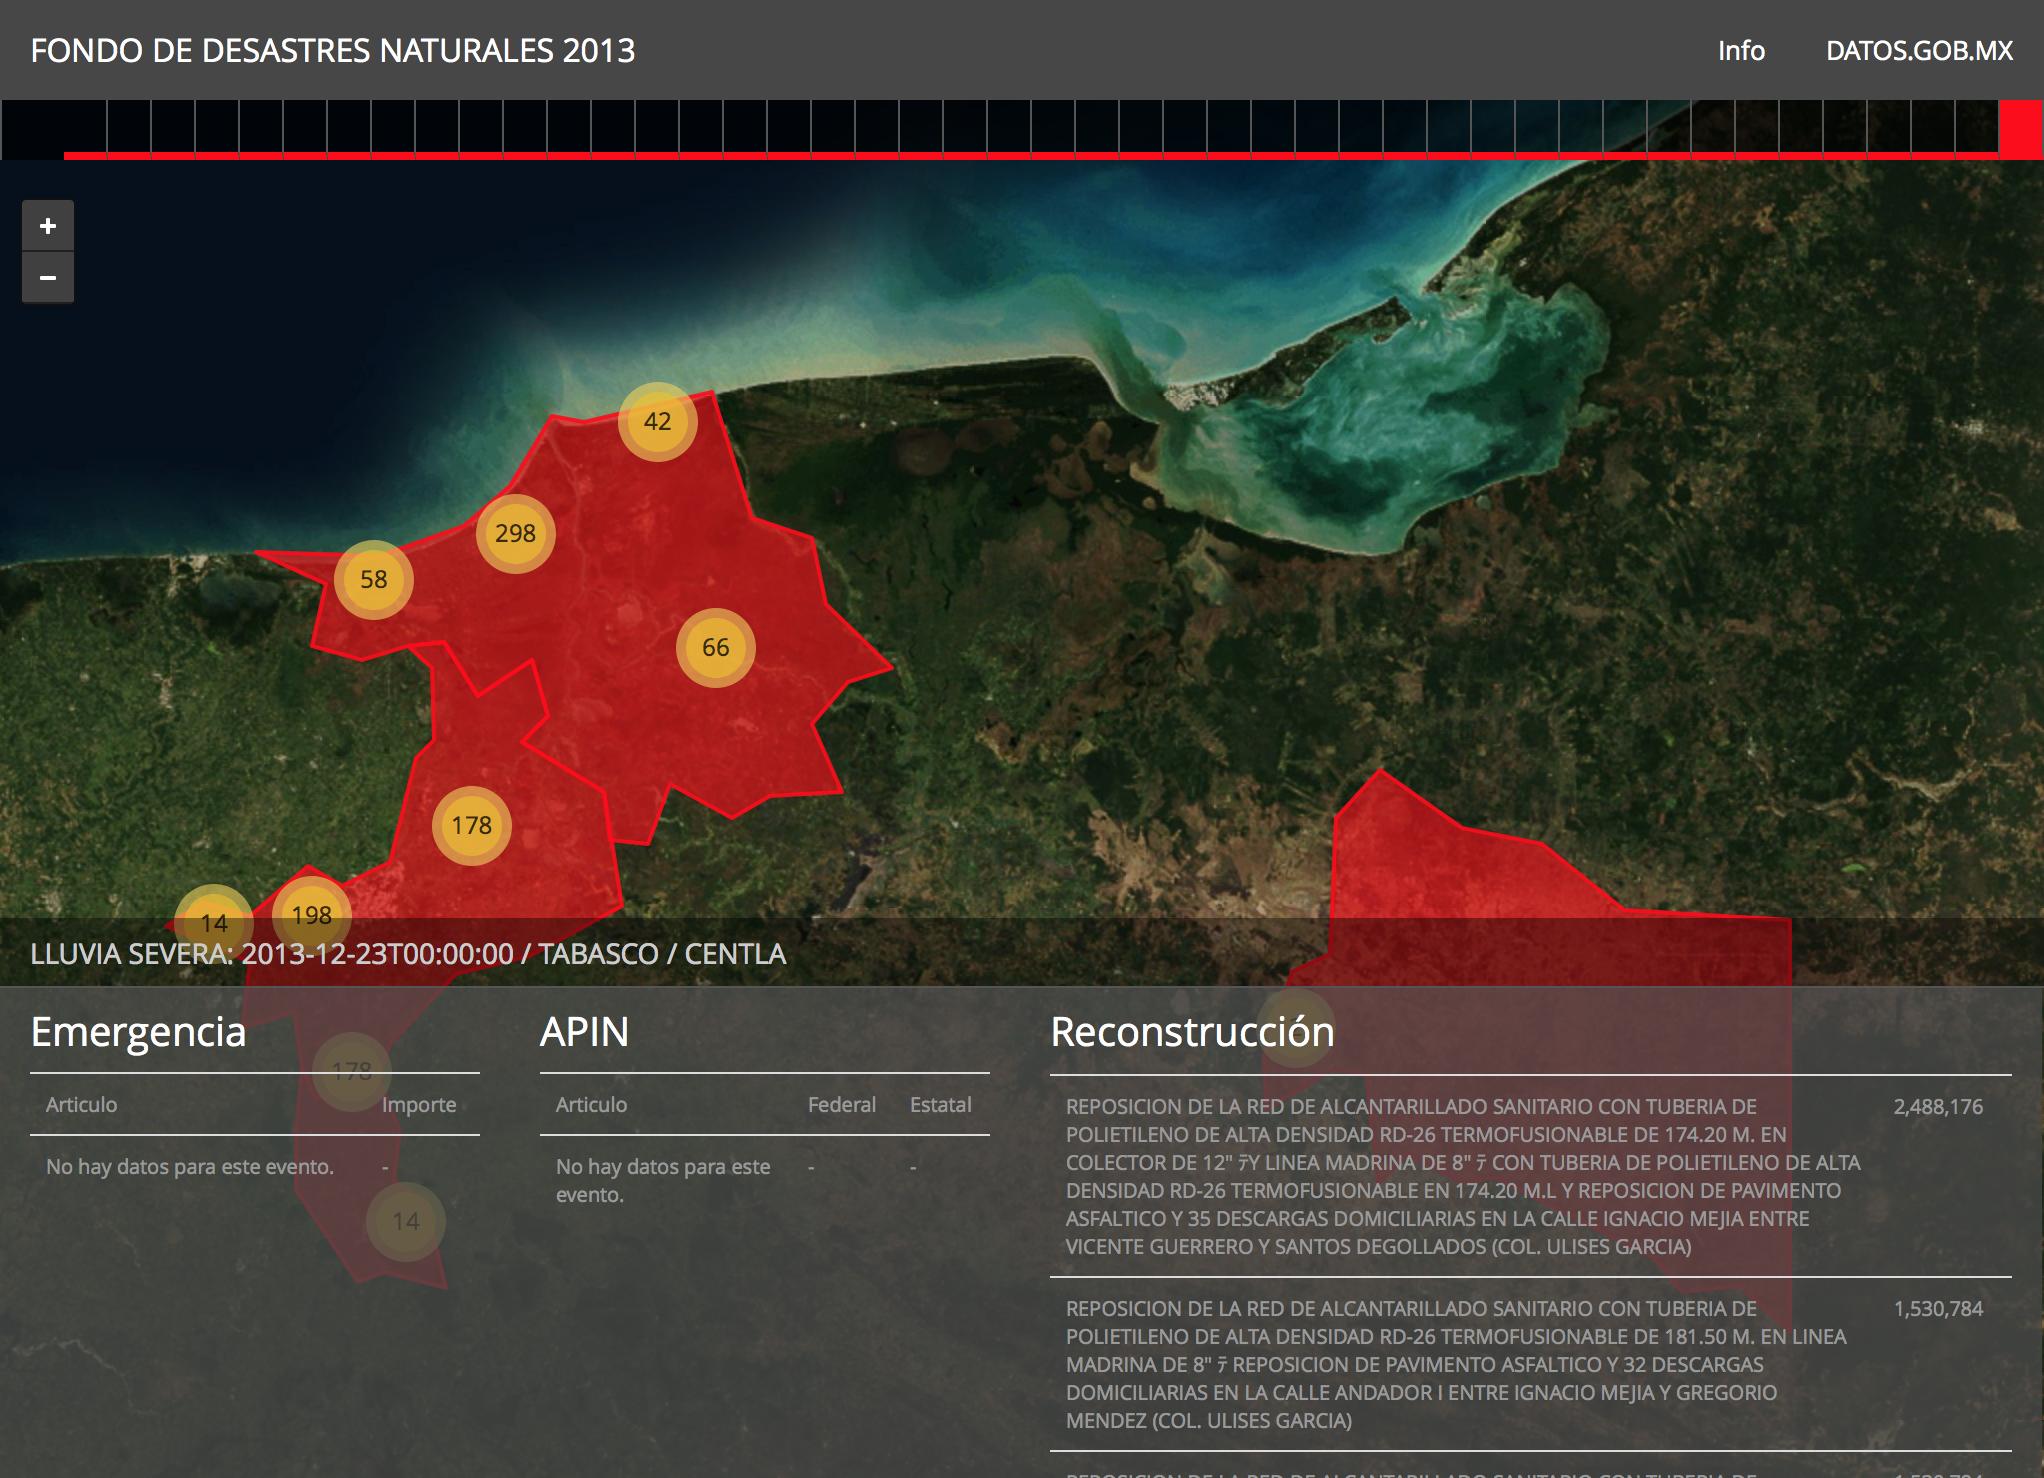 datos gob mx fondo de desastres naturales 2013 7